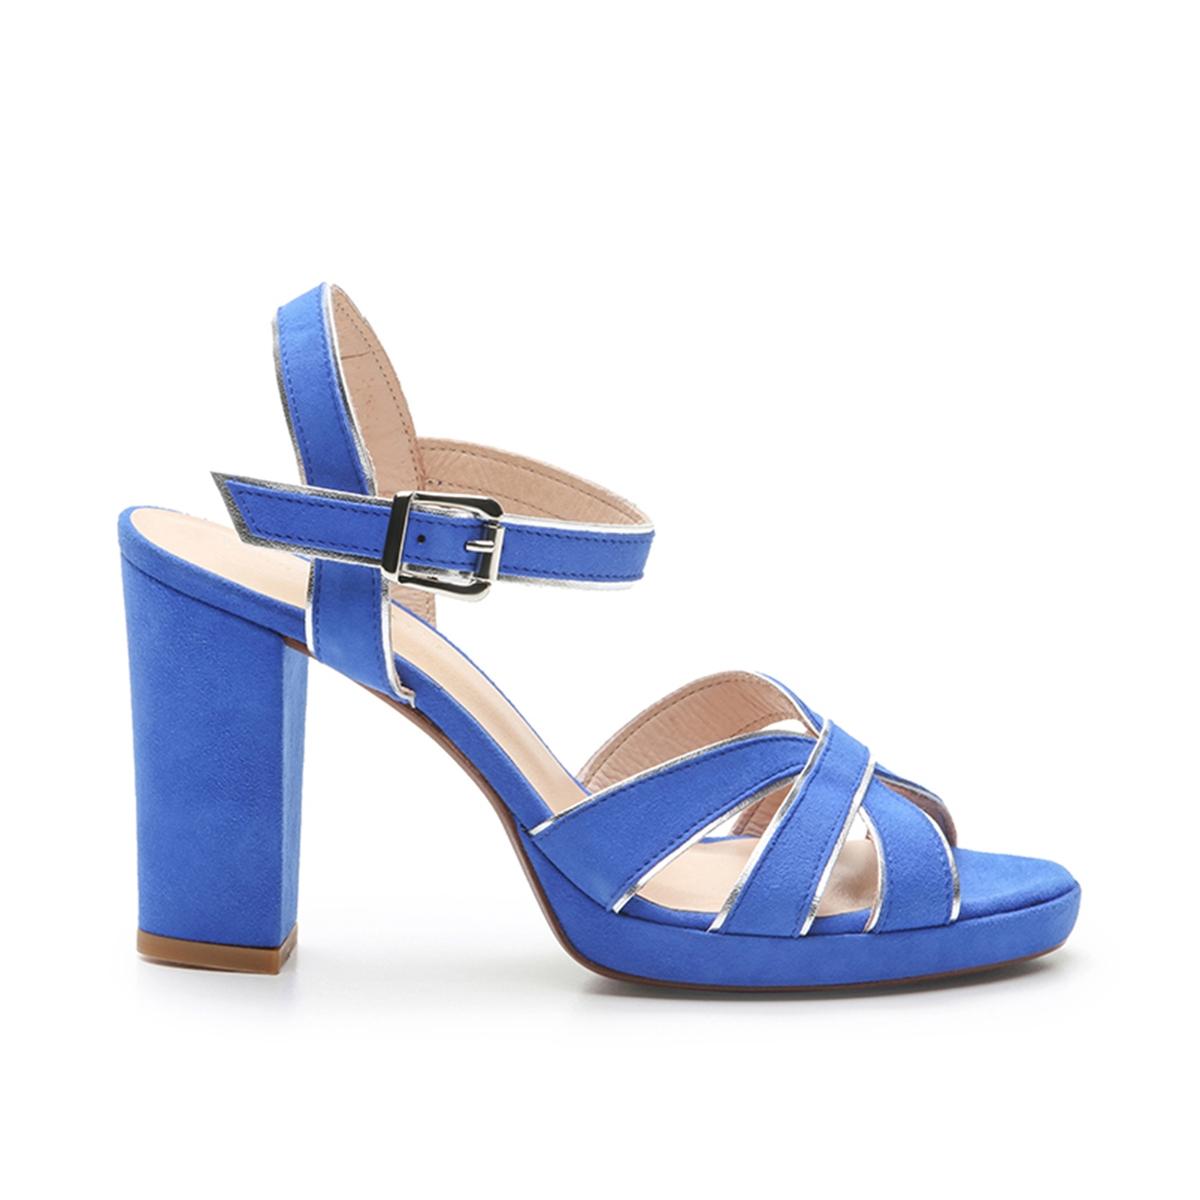 Босоножки La Redoute Кожаные Lotsi 38 синий босоножки кожаные bakio